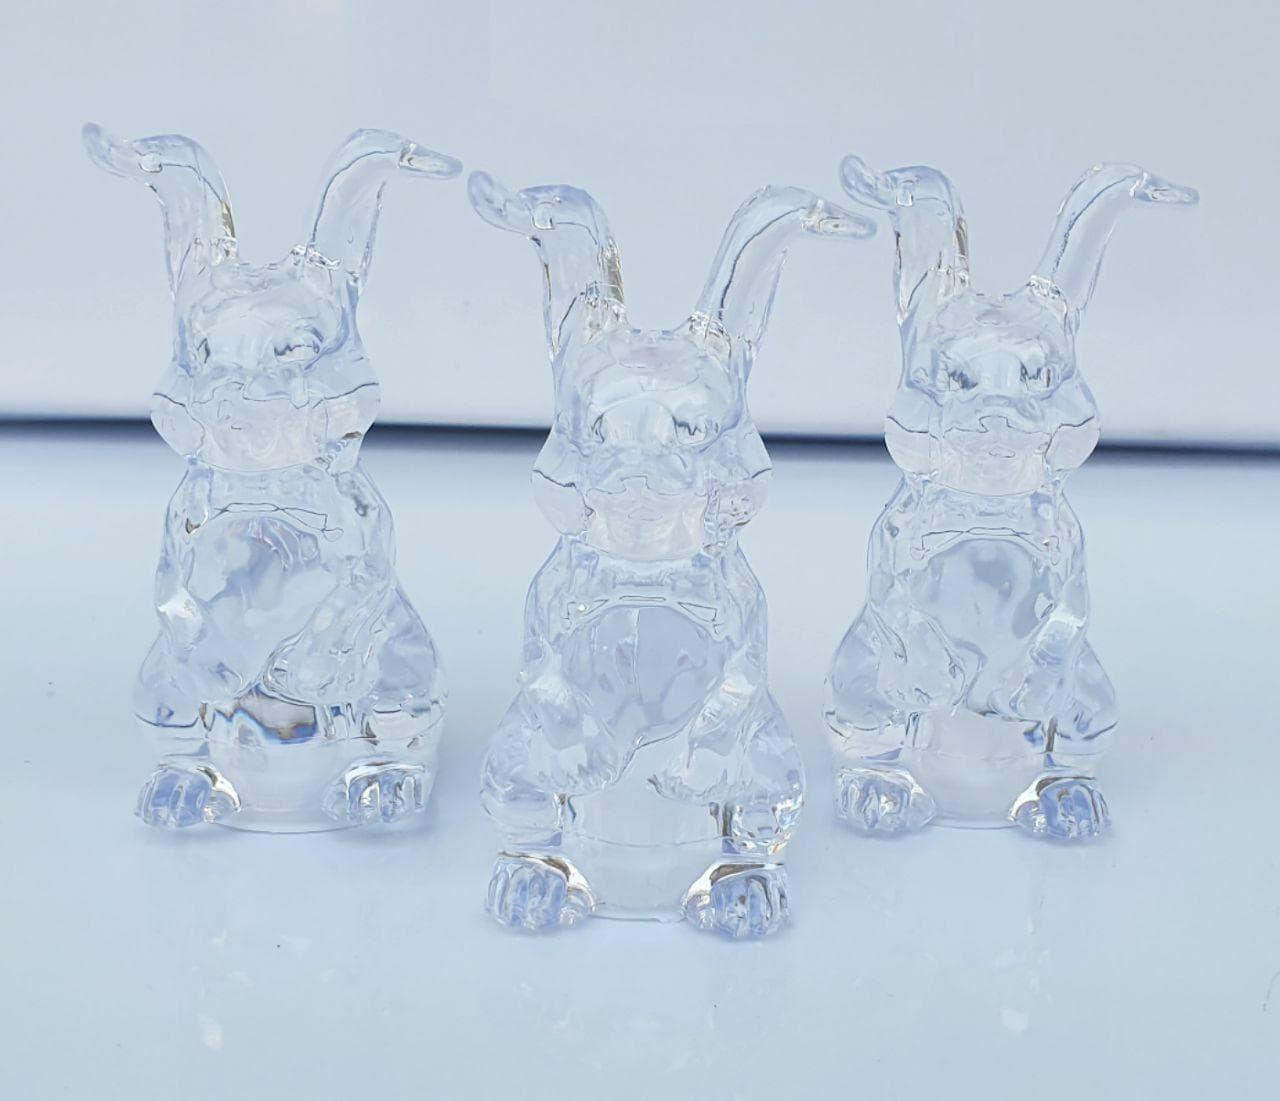 نمکپاش کریستالی خرگوش پخش عمده انواع نمکپاش فانتزی مناسب حراجی 10000 فروش